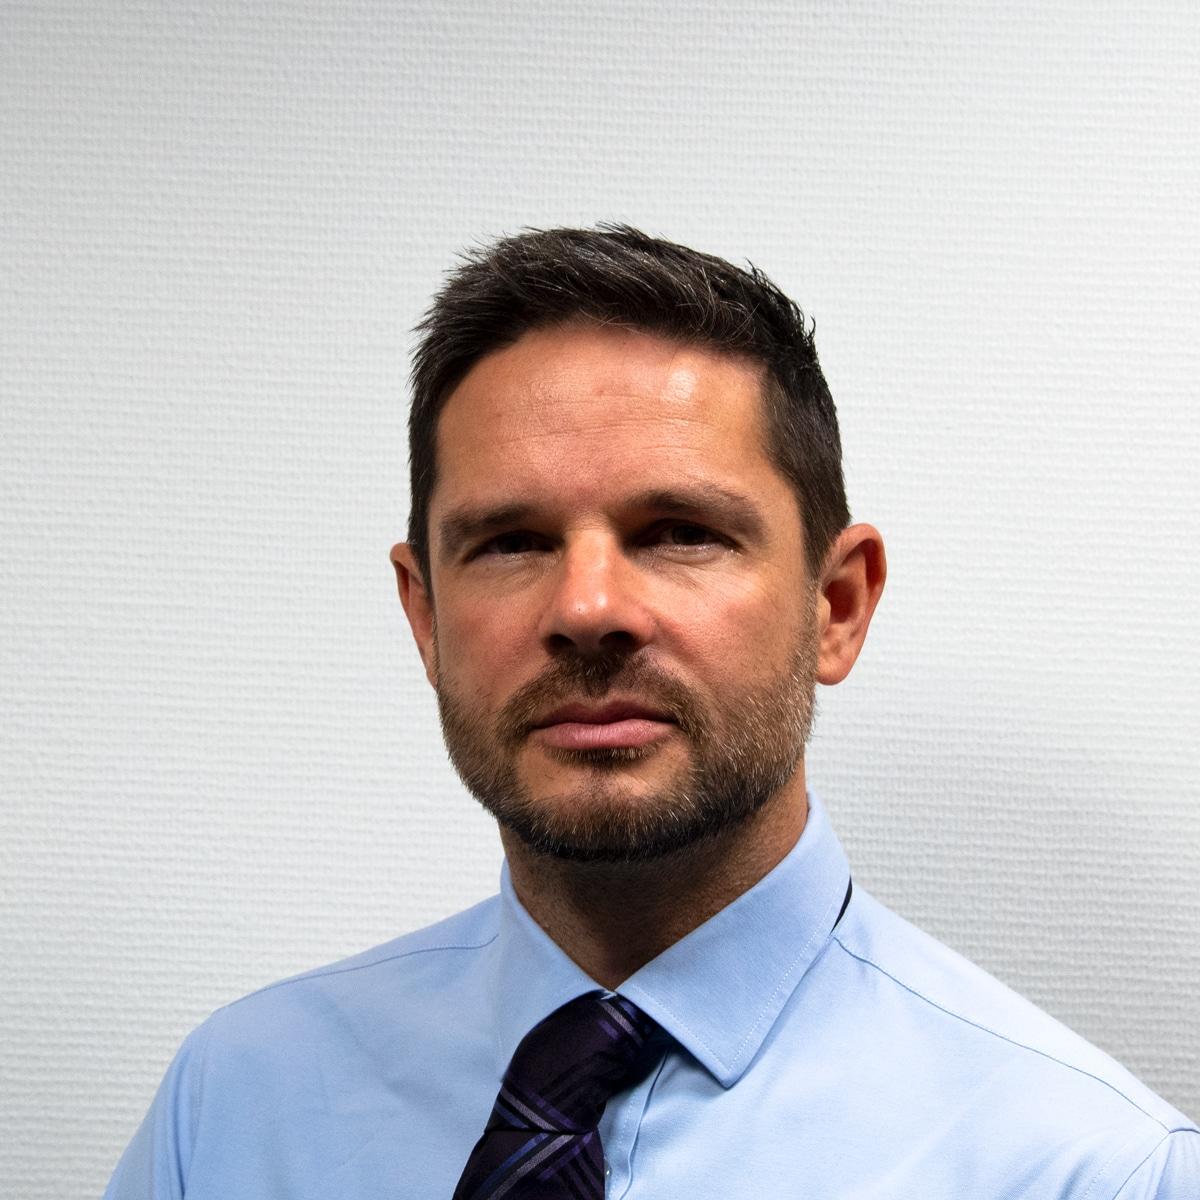 Head of Marketing Matt Wade BlueBotics